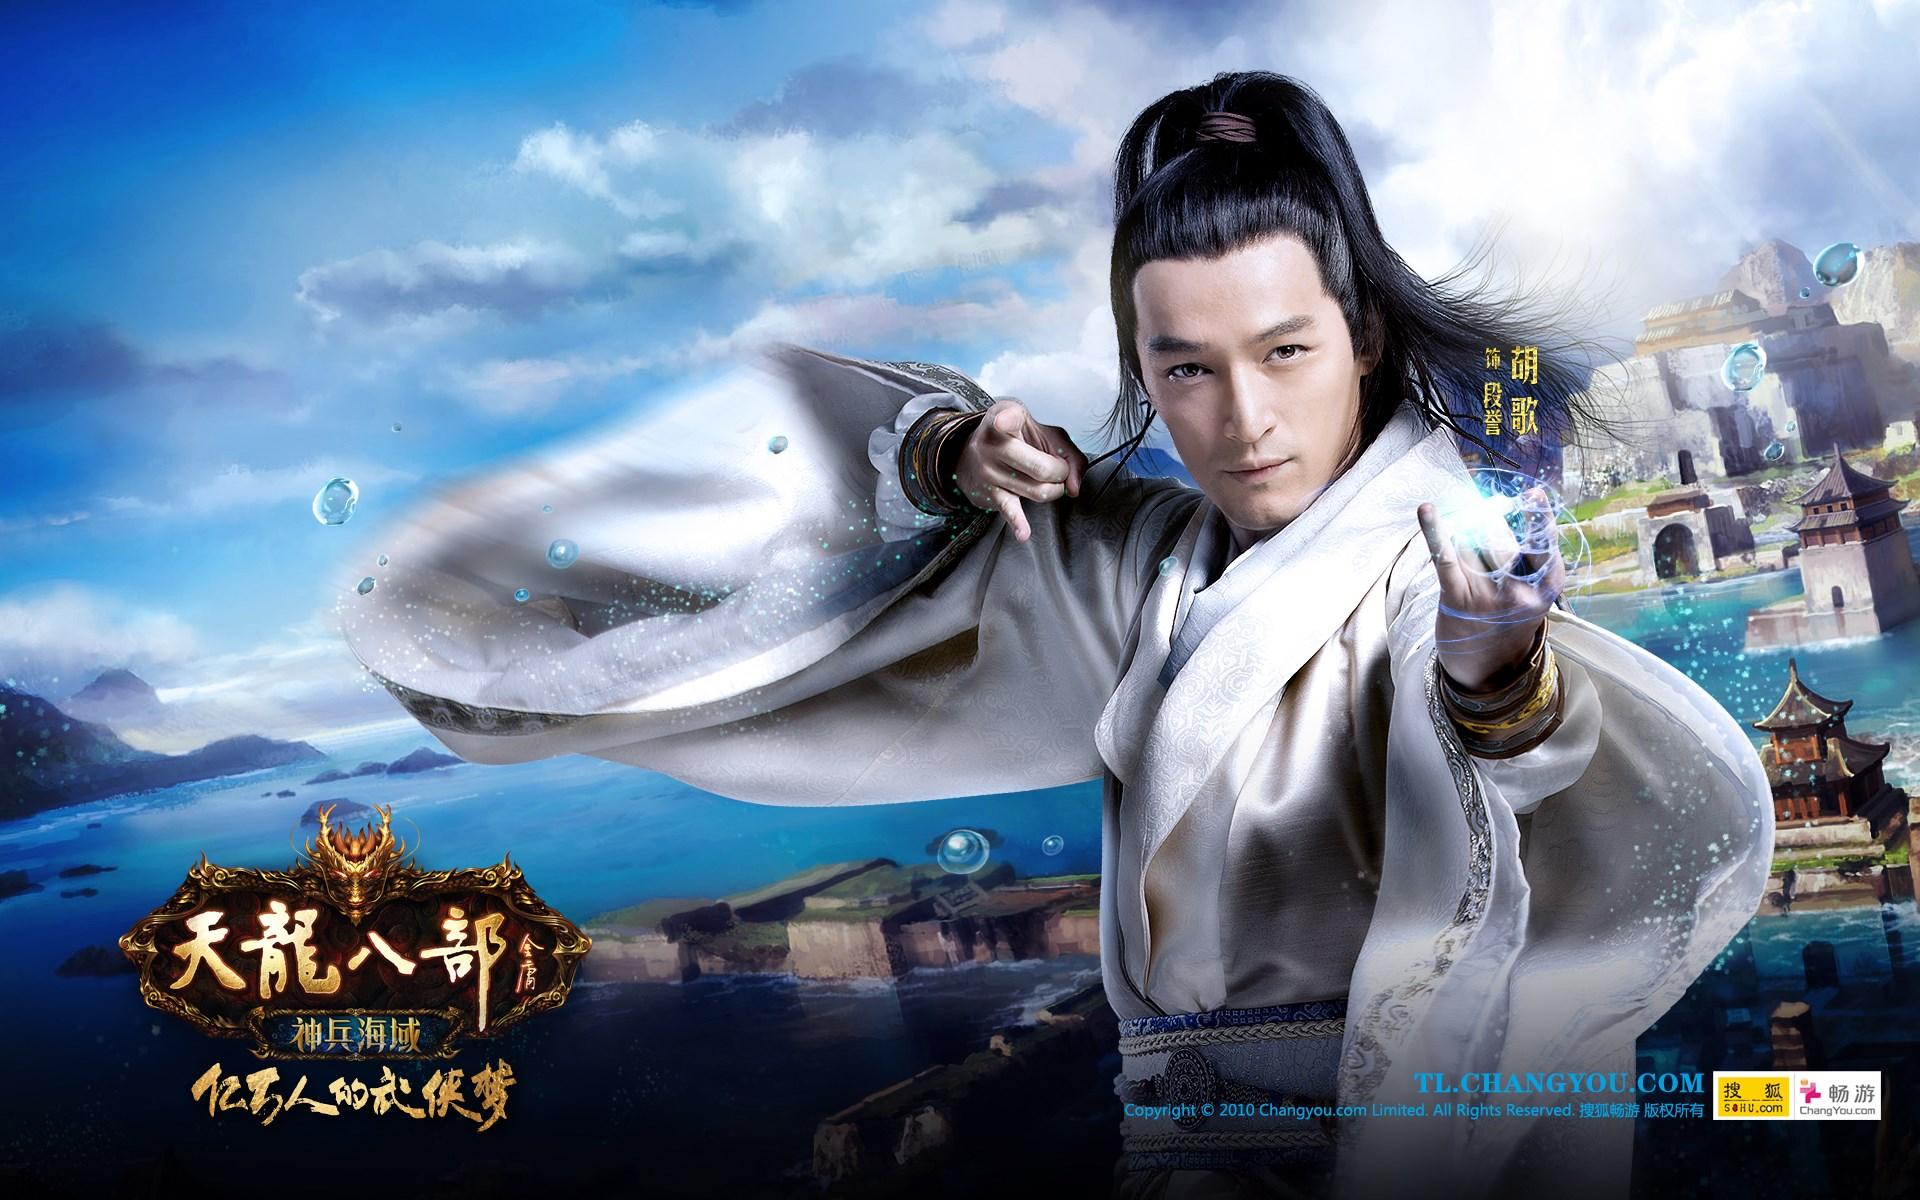 新天龙八部高清壁纸 刘诗诗胡歌代言精美壁纸发布